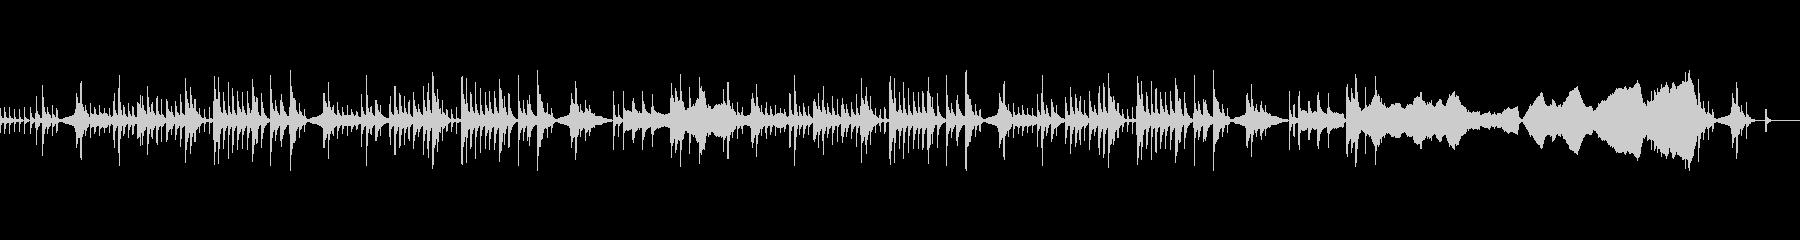 ギターと弦のピチカートのバラードの未再生の波形